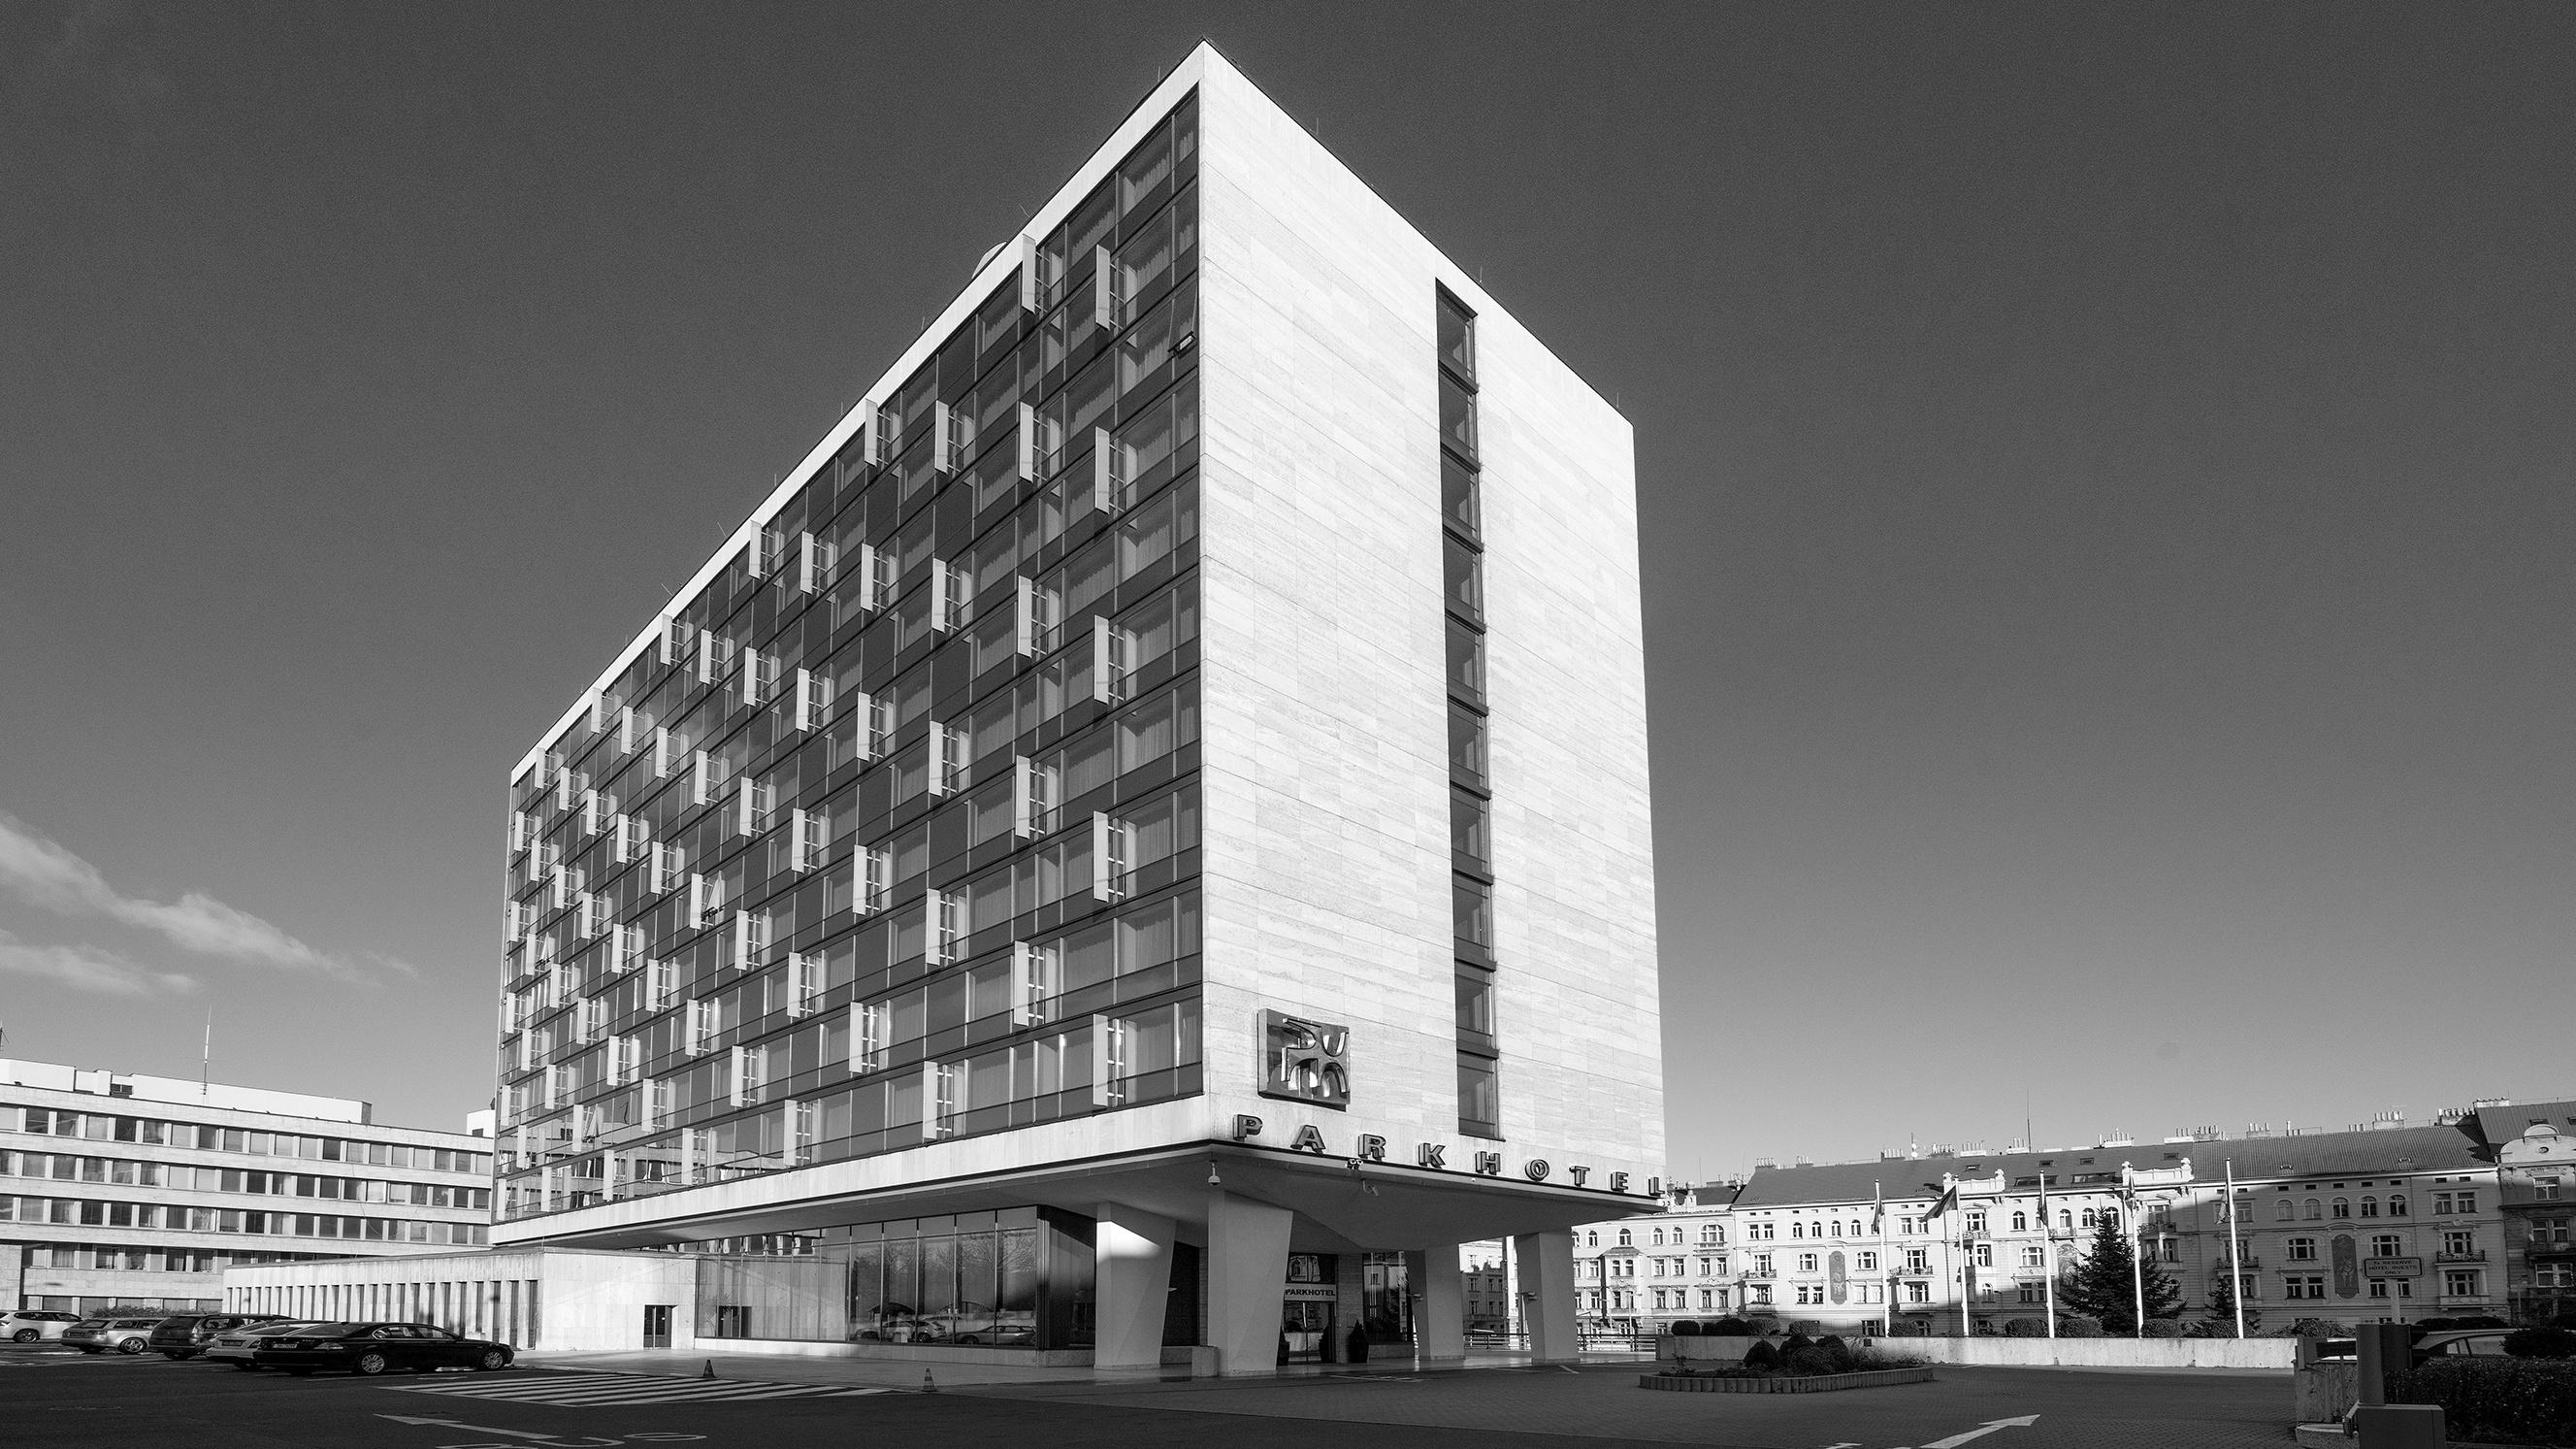 Park Hotel Pragueb&w.jpg